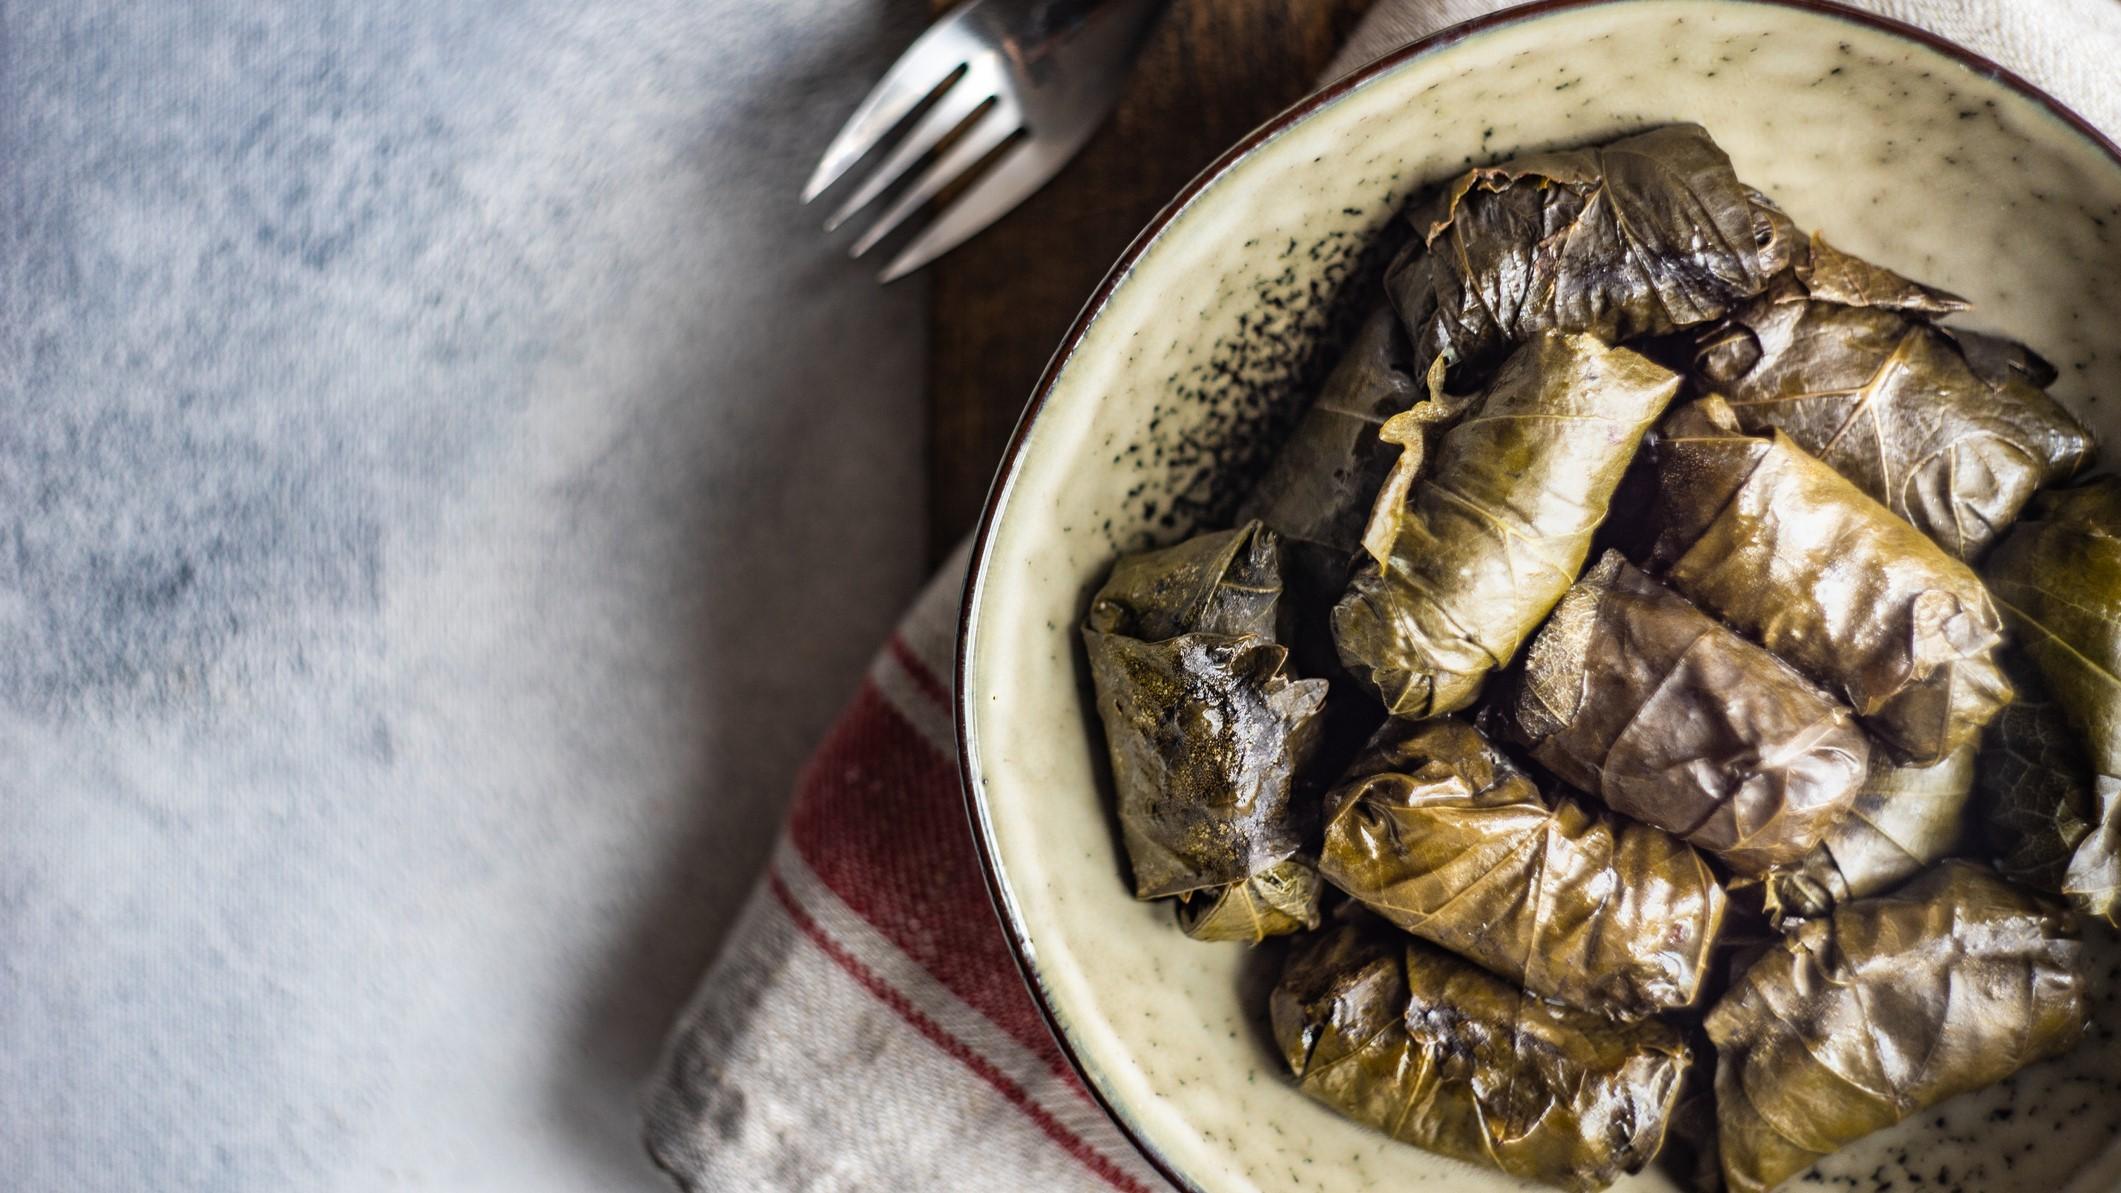 Ein Teller mit gefüllten Weinblättern auf einem Geschirrtuch in der Draufsicht, daneben liegt eine Gabel.